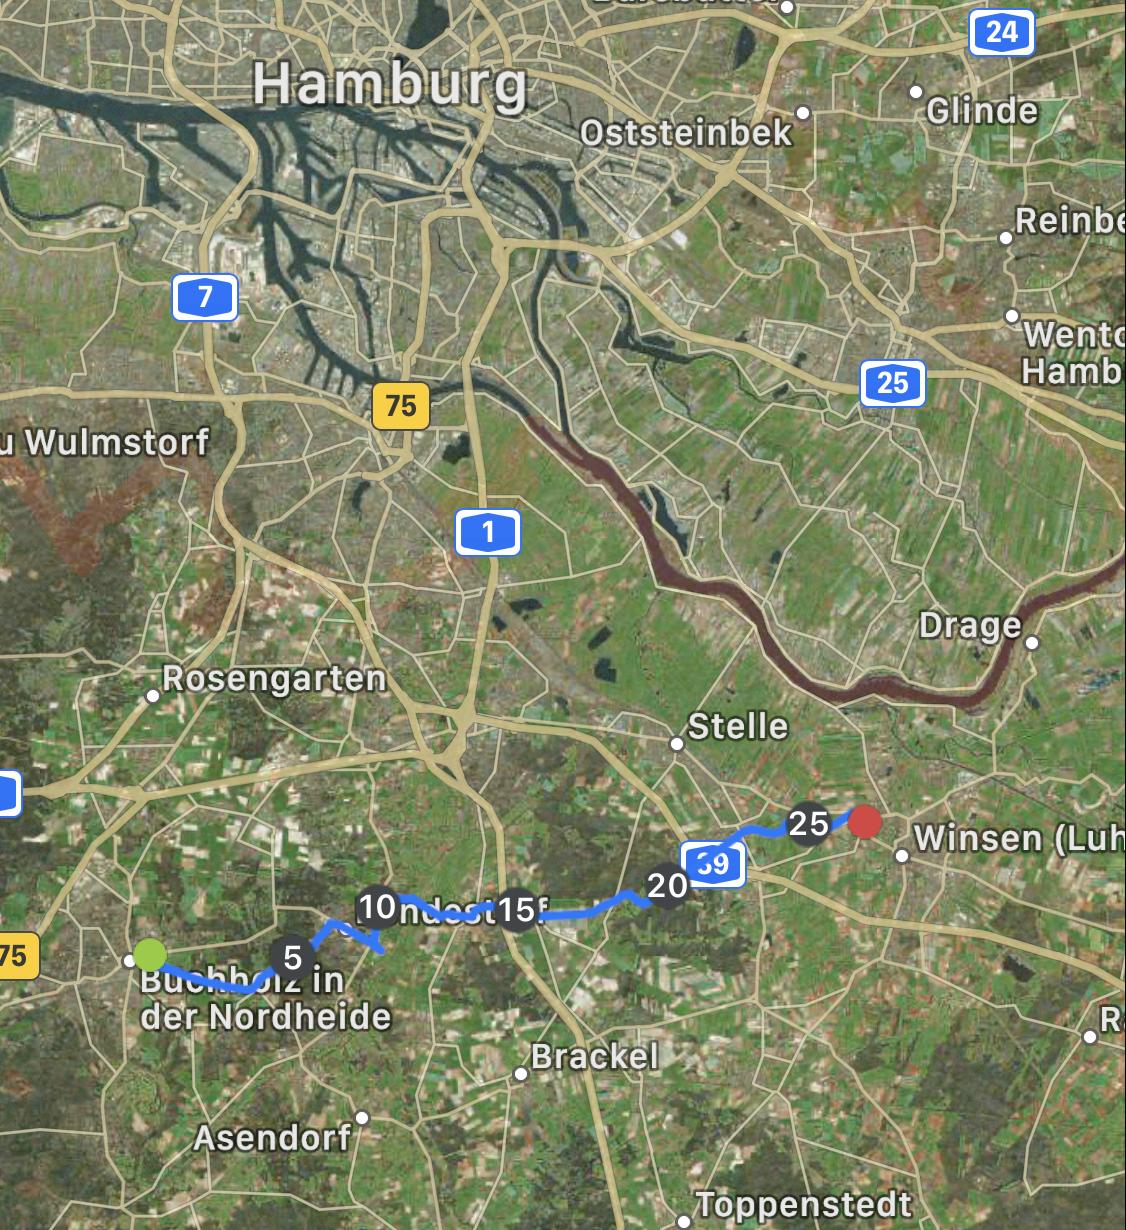 Laufstrecke Buchholz - Winsen